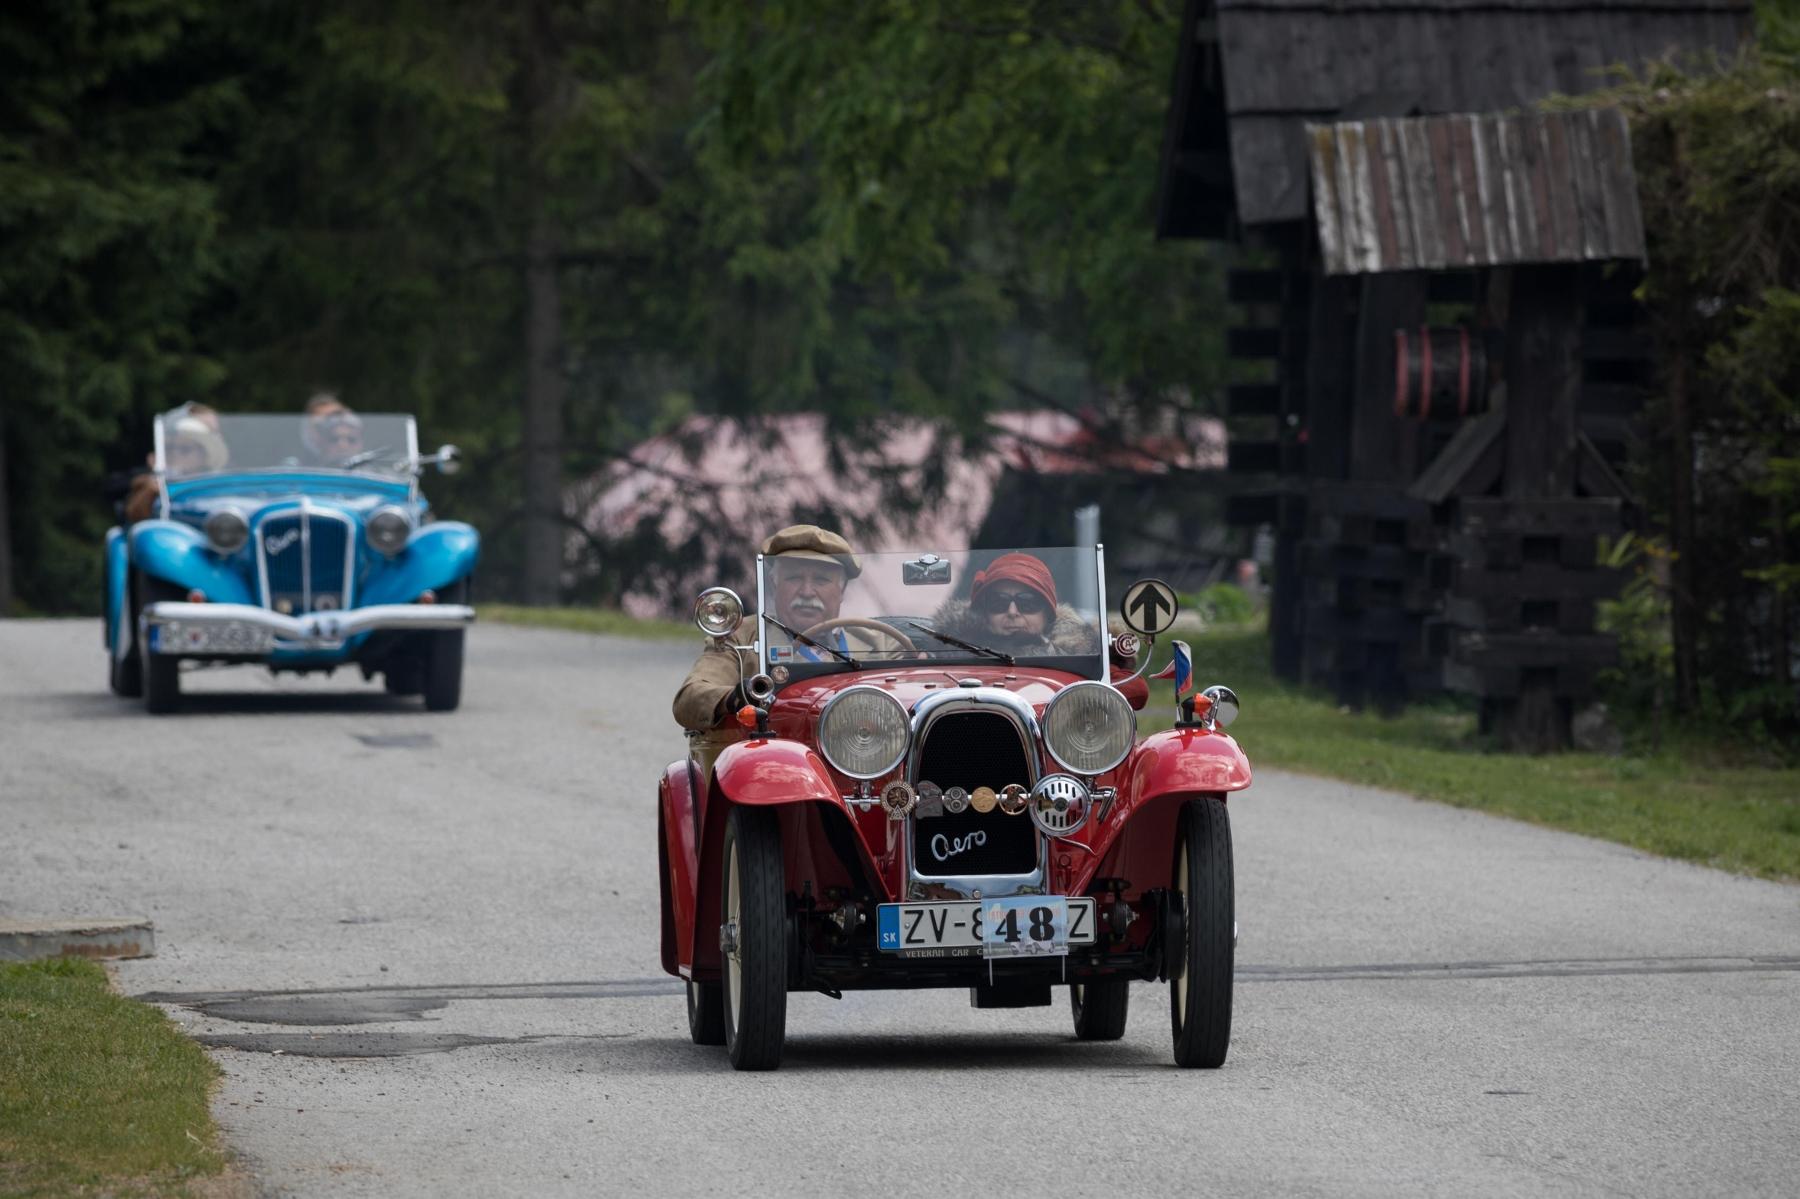 Tatranský Oldtimer 2020: Pozrite si podrobný itinerár wooXFJ8yGD mladon-1-3232-1800x1199